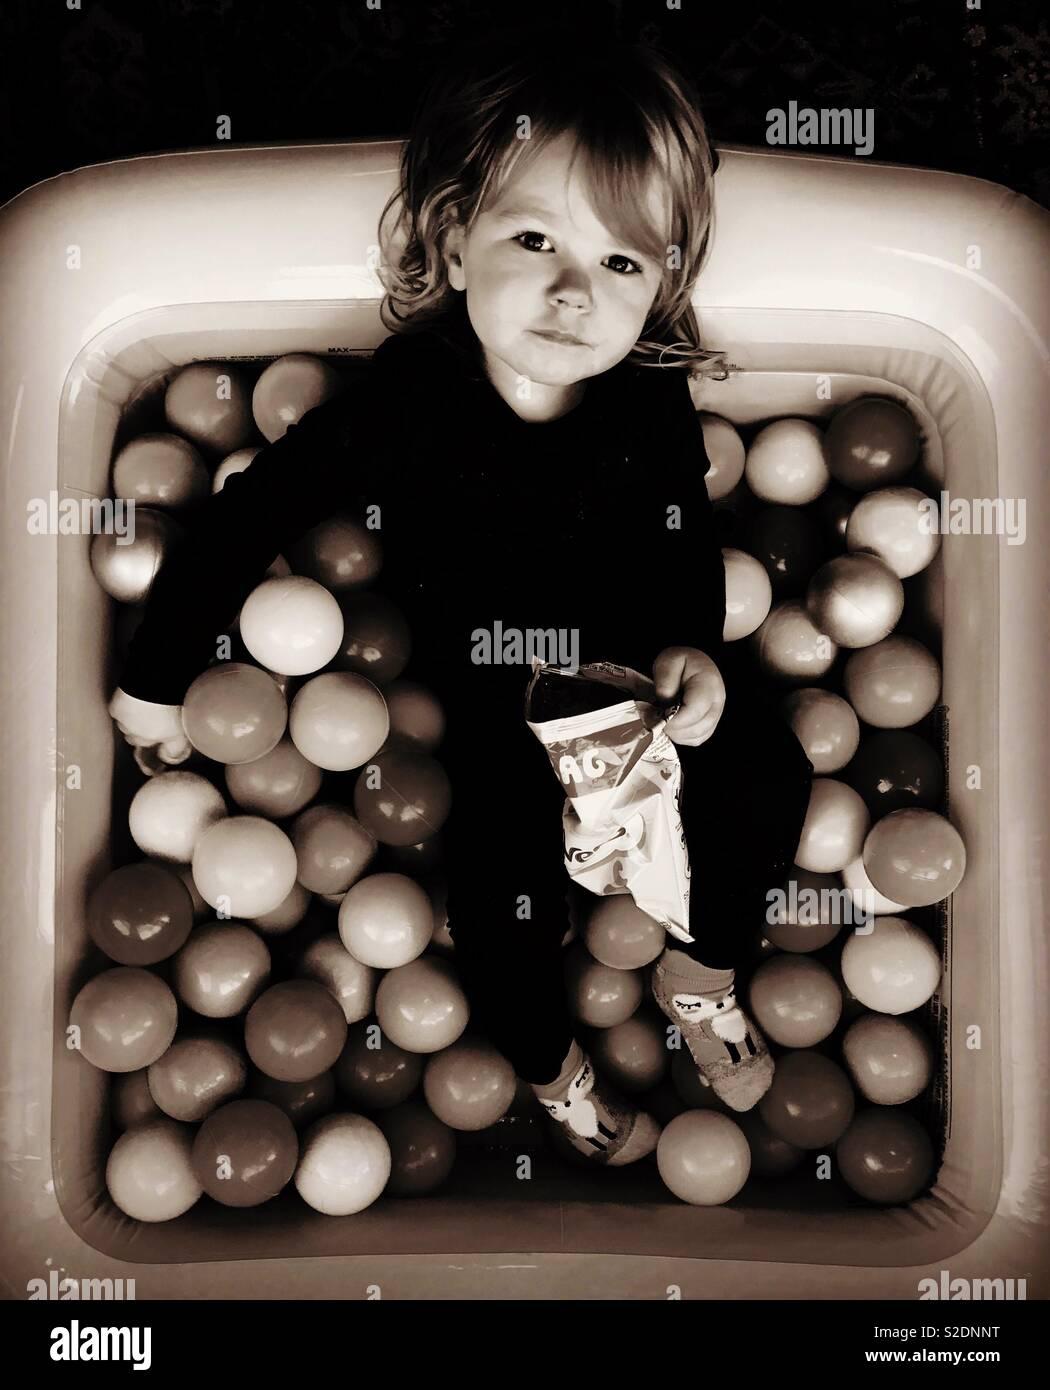 Mis amigos hija propietaria de la piscina de bolas.Foto de stock